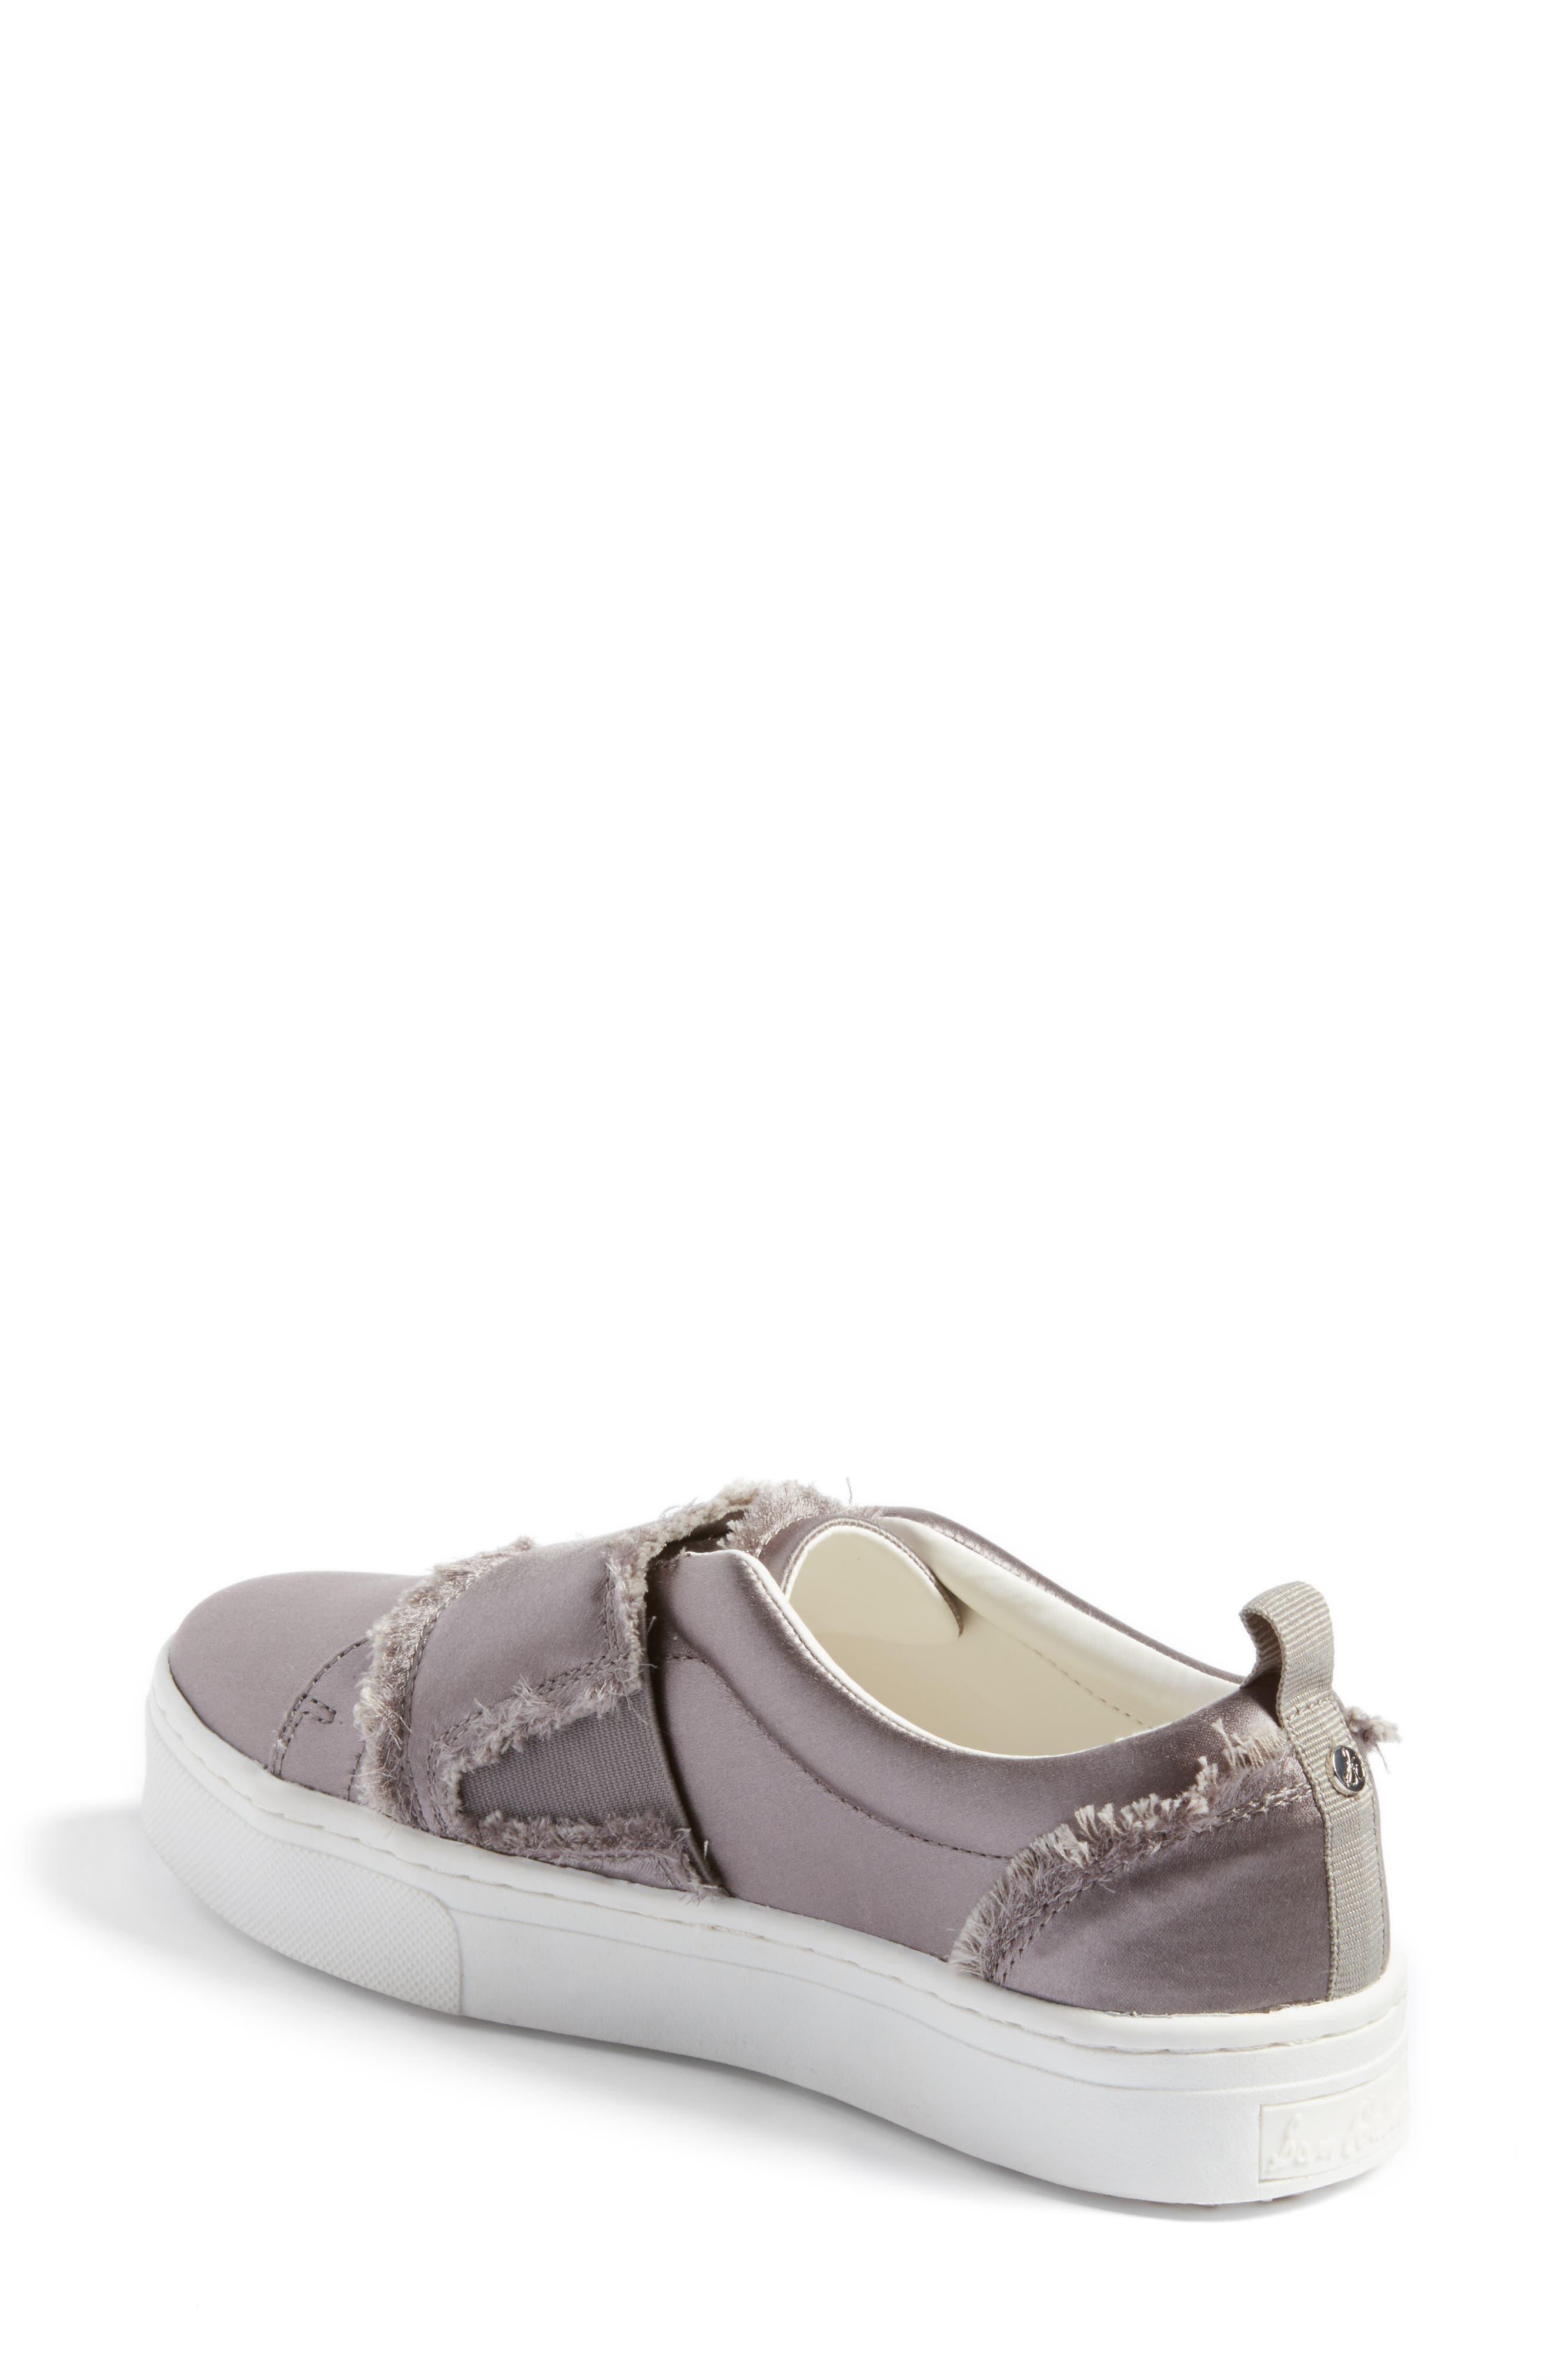 Levine Fringe Slip-On Platform Sneaker,                             Alternate thumbnail 2, color,                             020